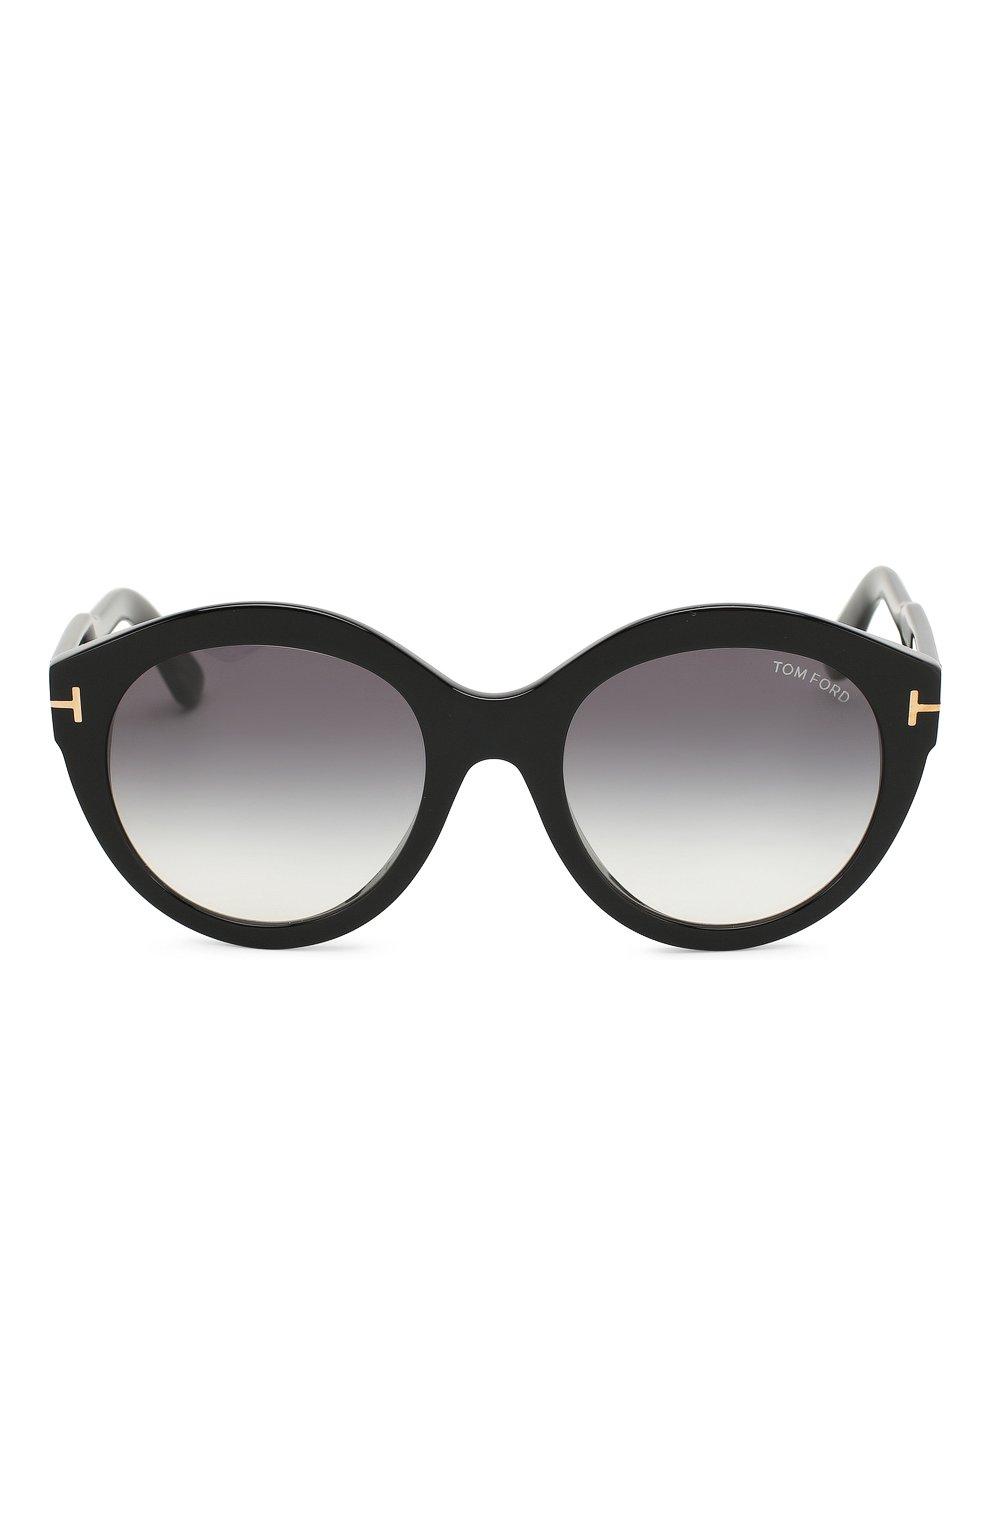 Женские солнцезащитные очки TOM FORD черного цвета, арт. TF661 01B | Фото 3